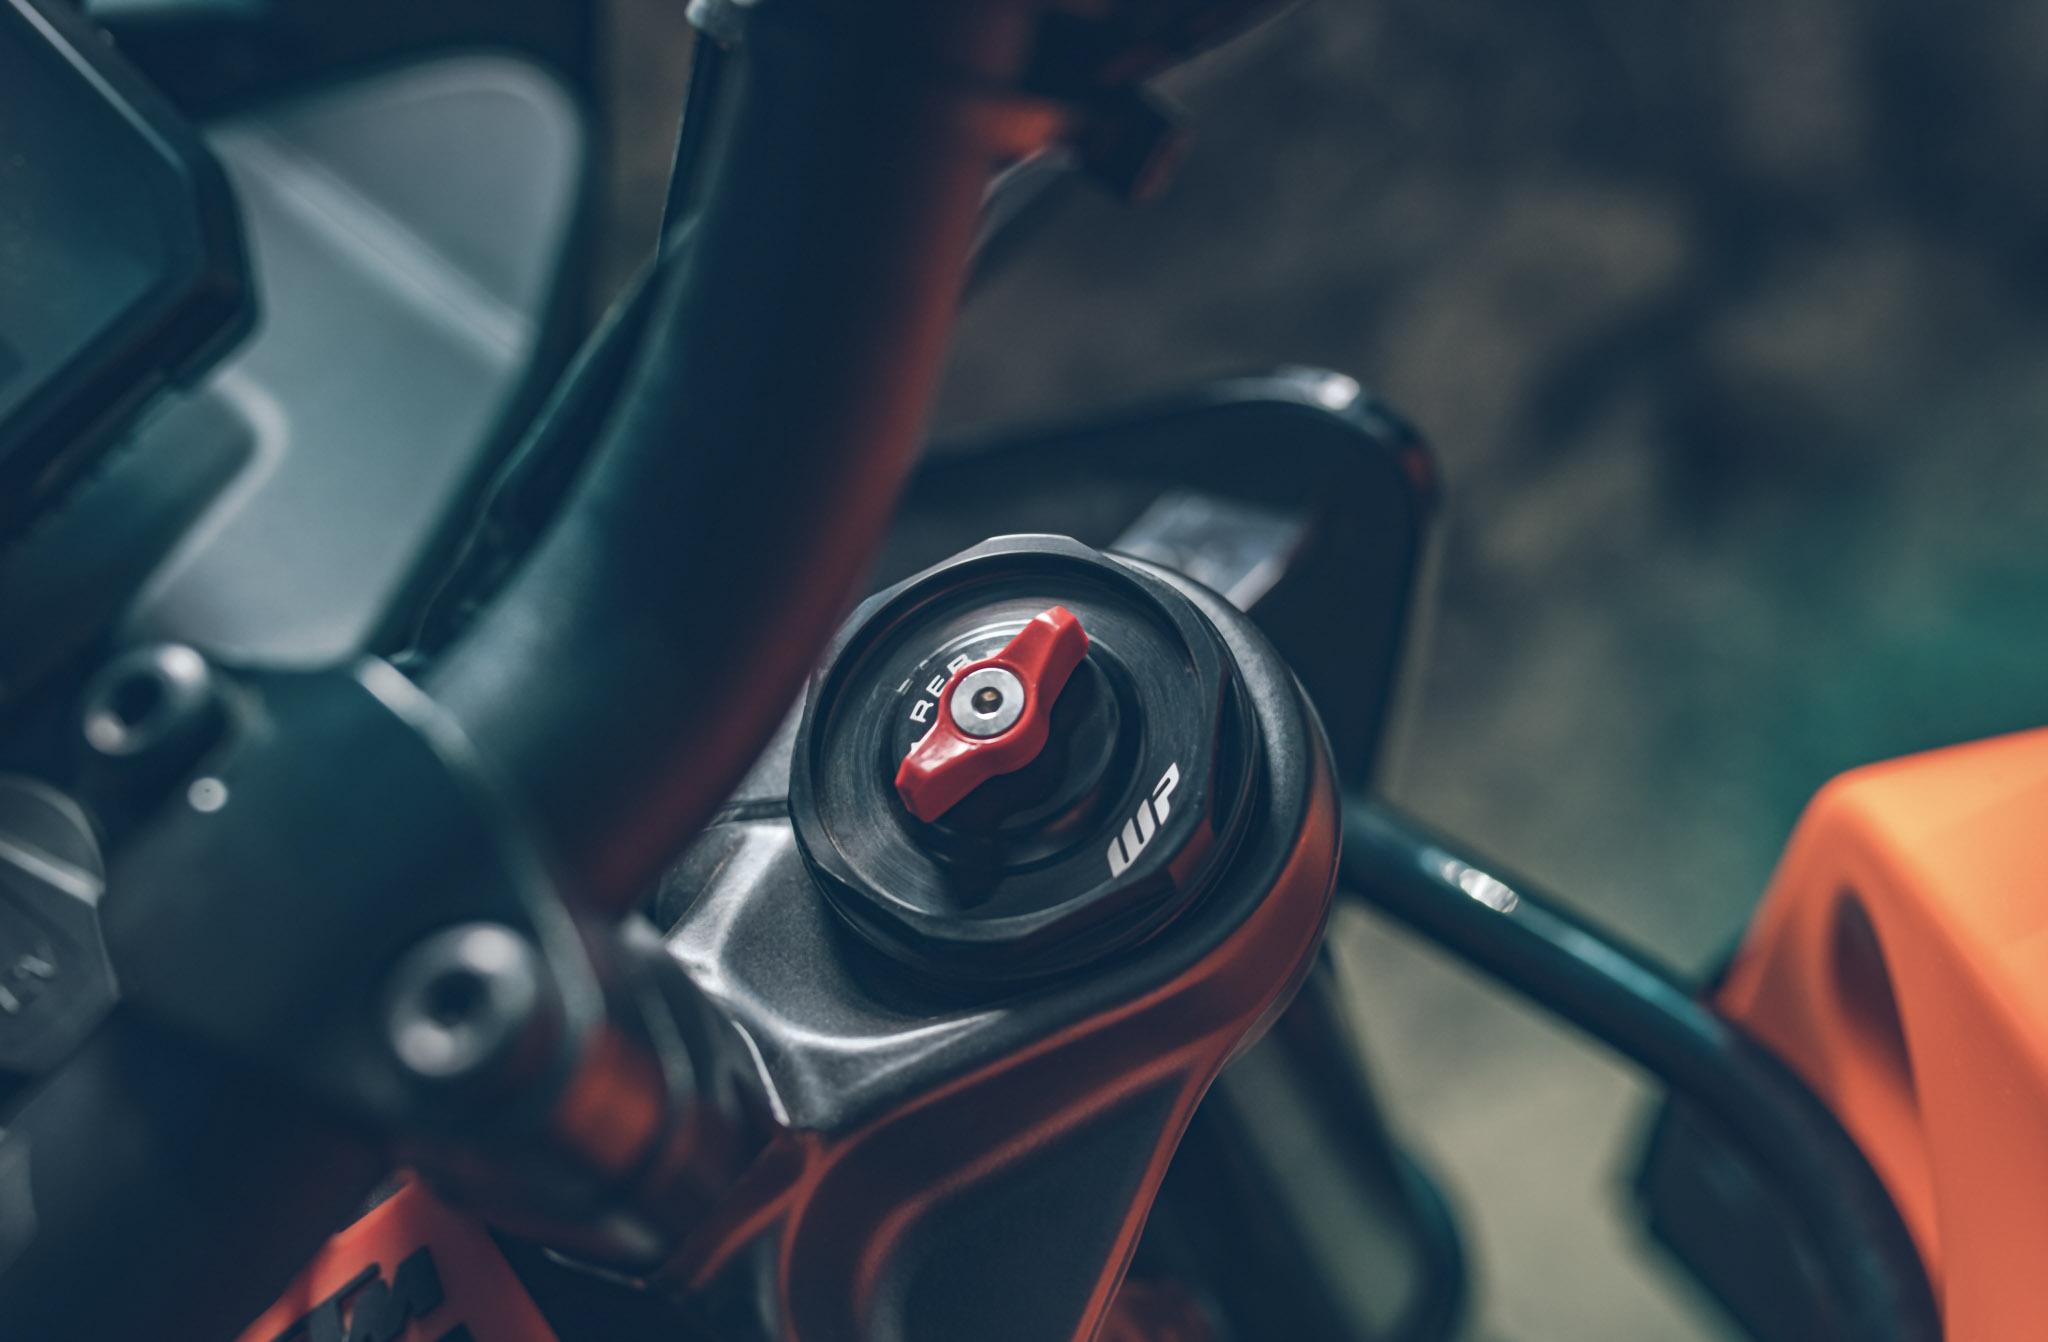 suspensions KTM